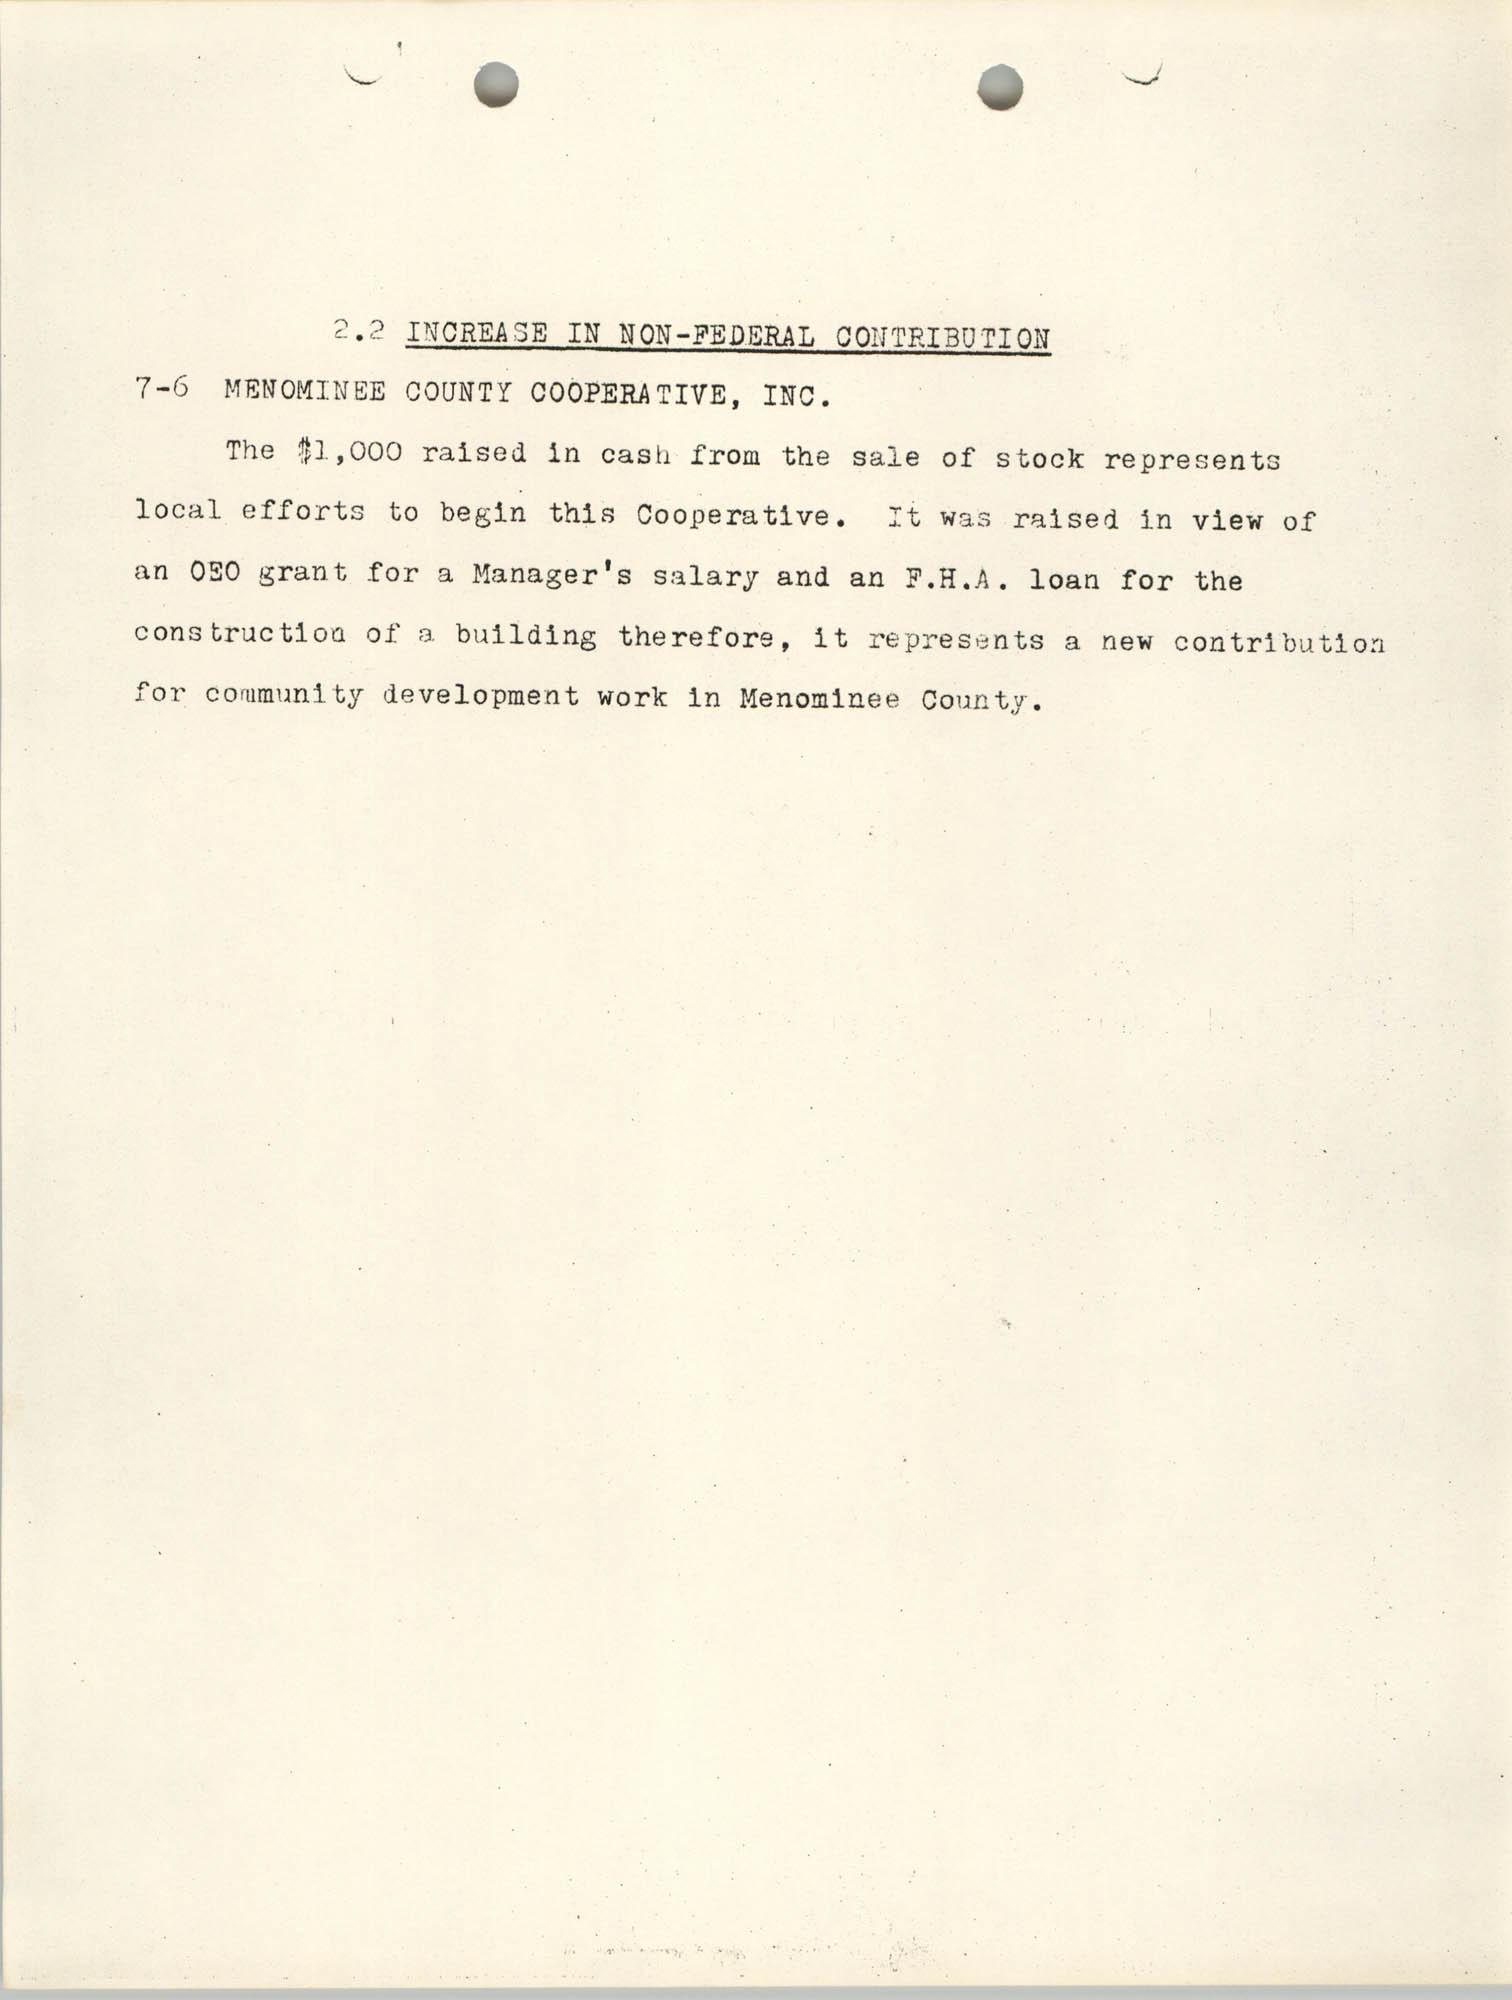 Increase in Non-Fedearl Contribution, June 27, 1966, Page 7